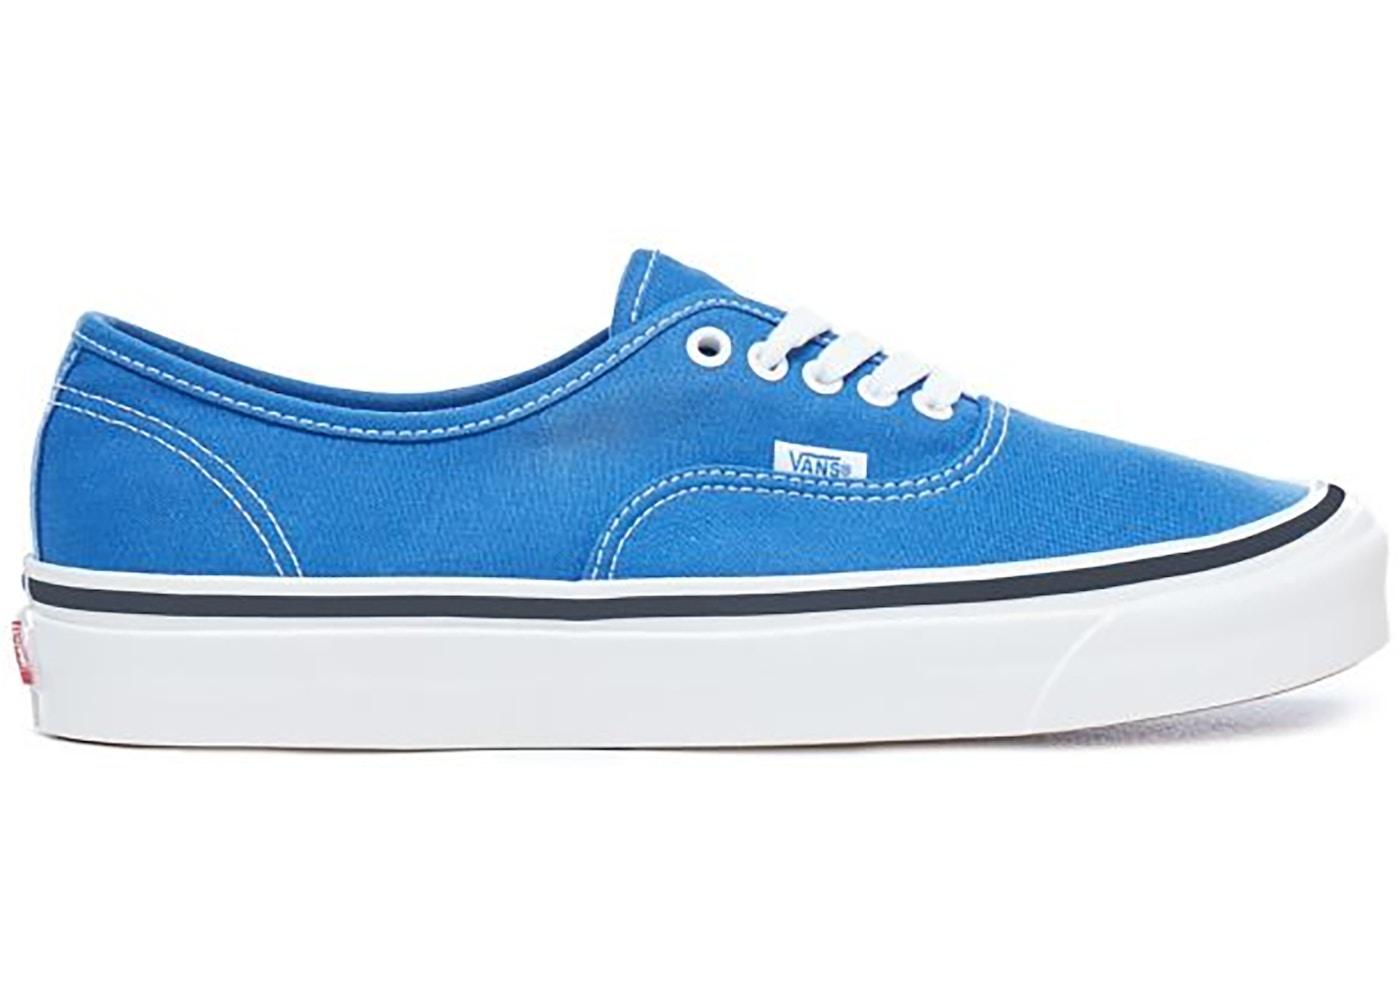 Vans Authentic 44 DX Anaheim Factory Blue - VN0A38ENQA5